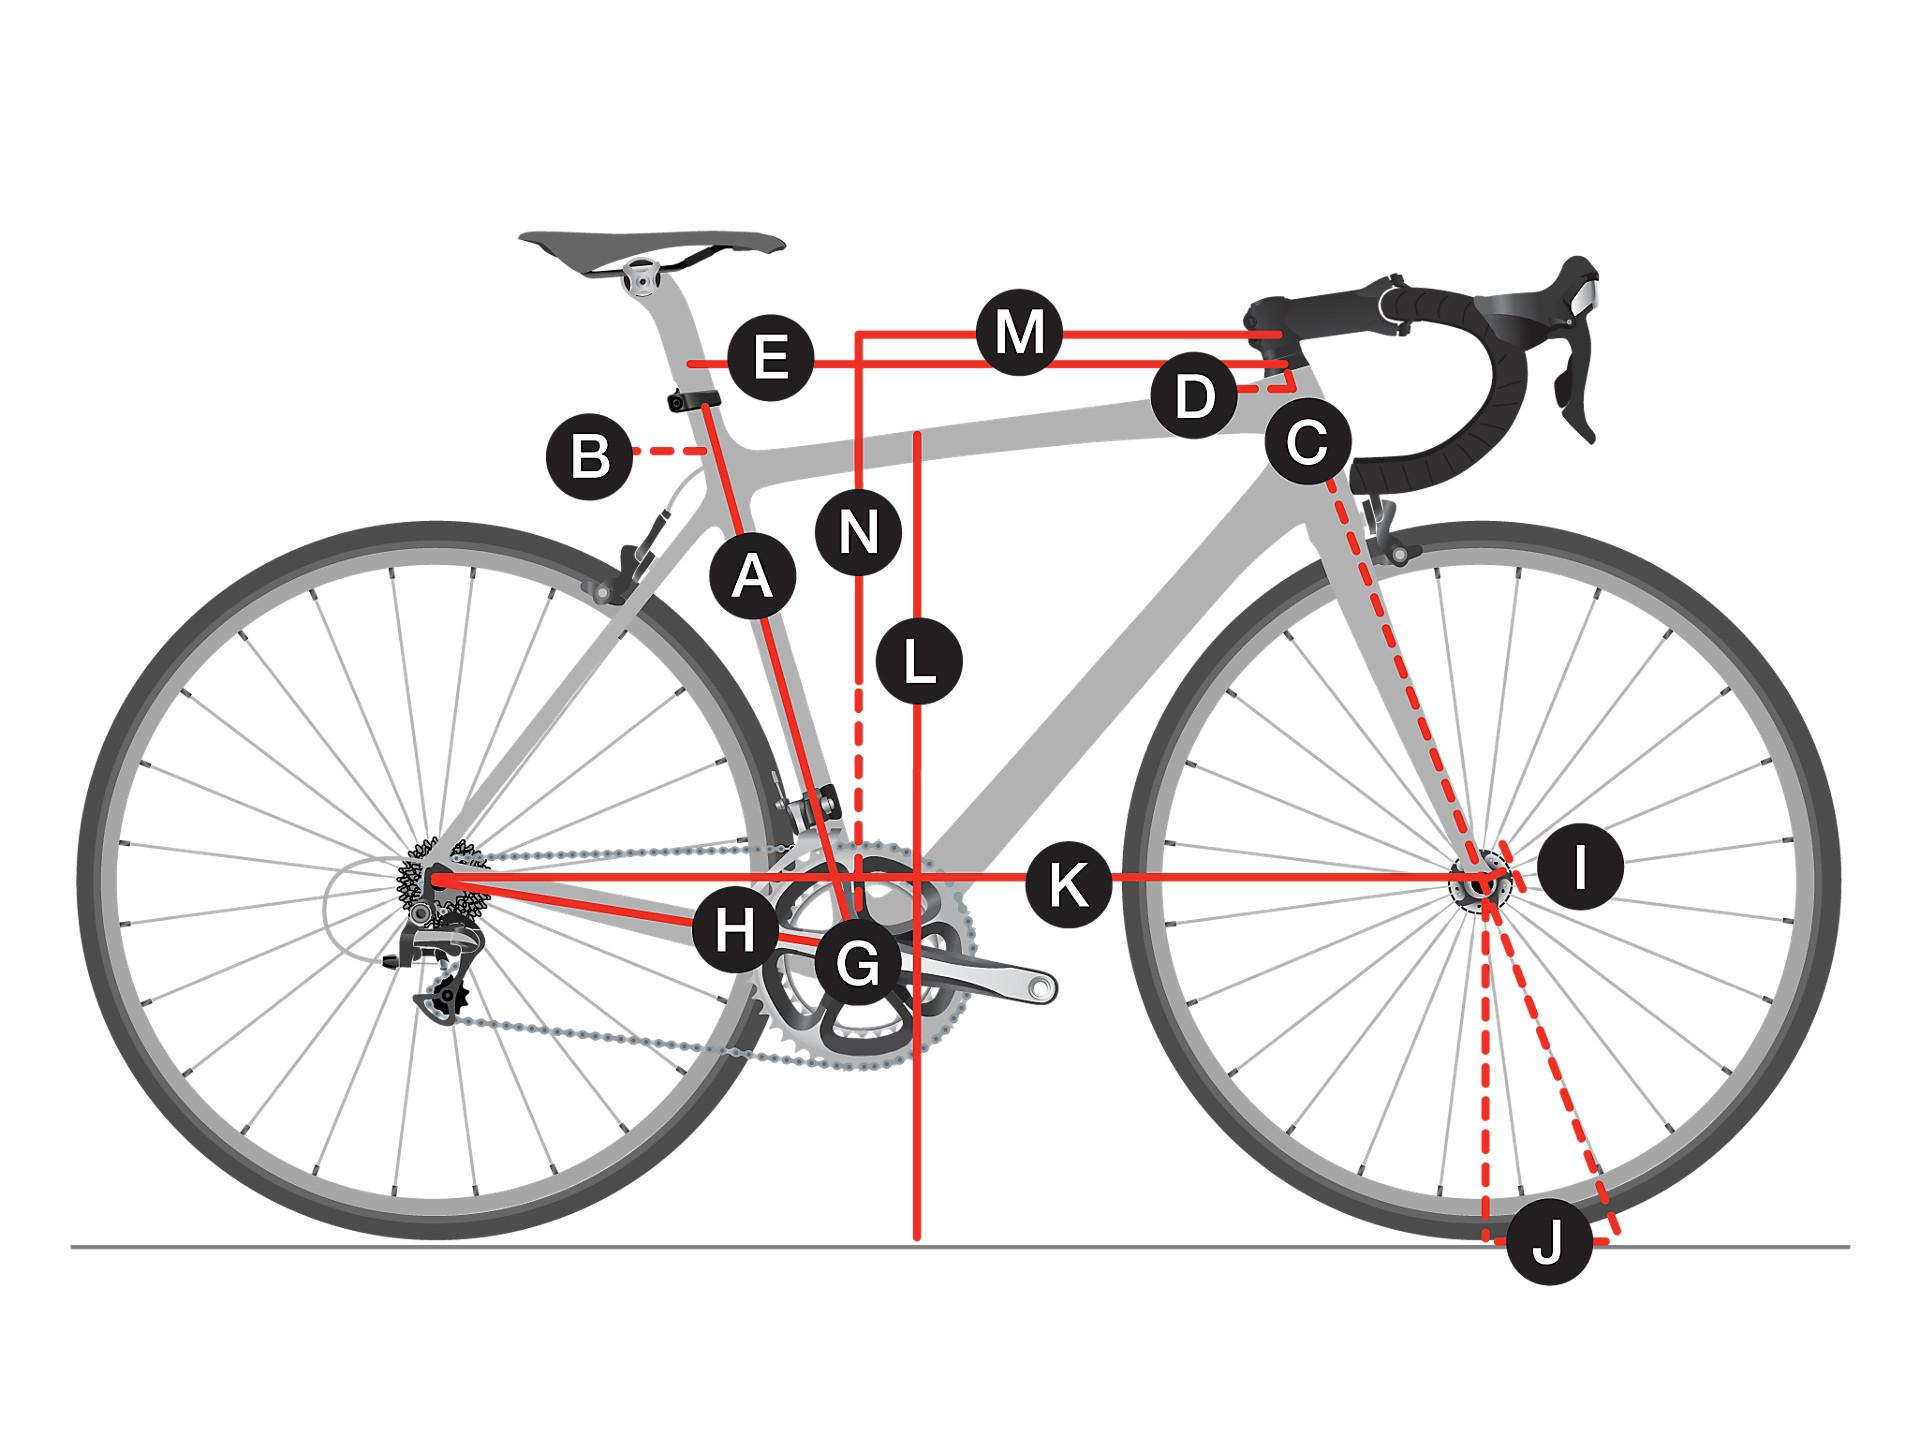 Что такое гравел байк и чем он отличается от шоссера или циклокроссера